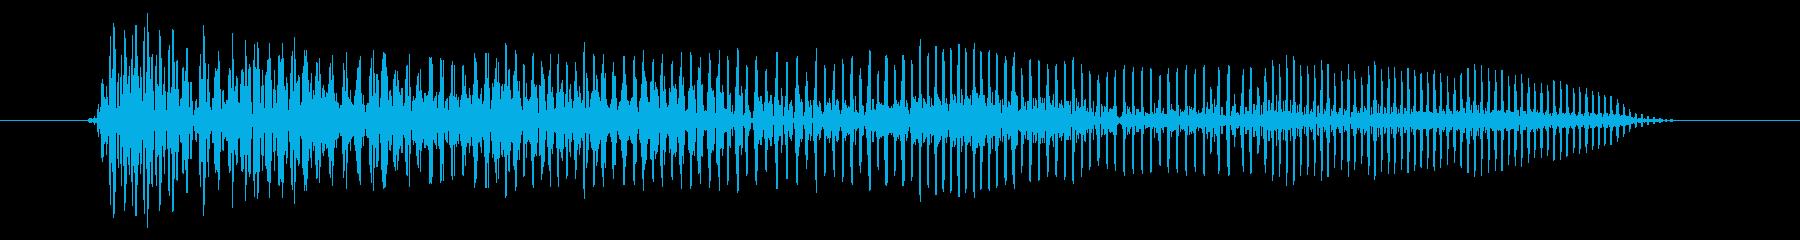 空腹03-4の再生済みの波形